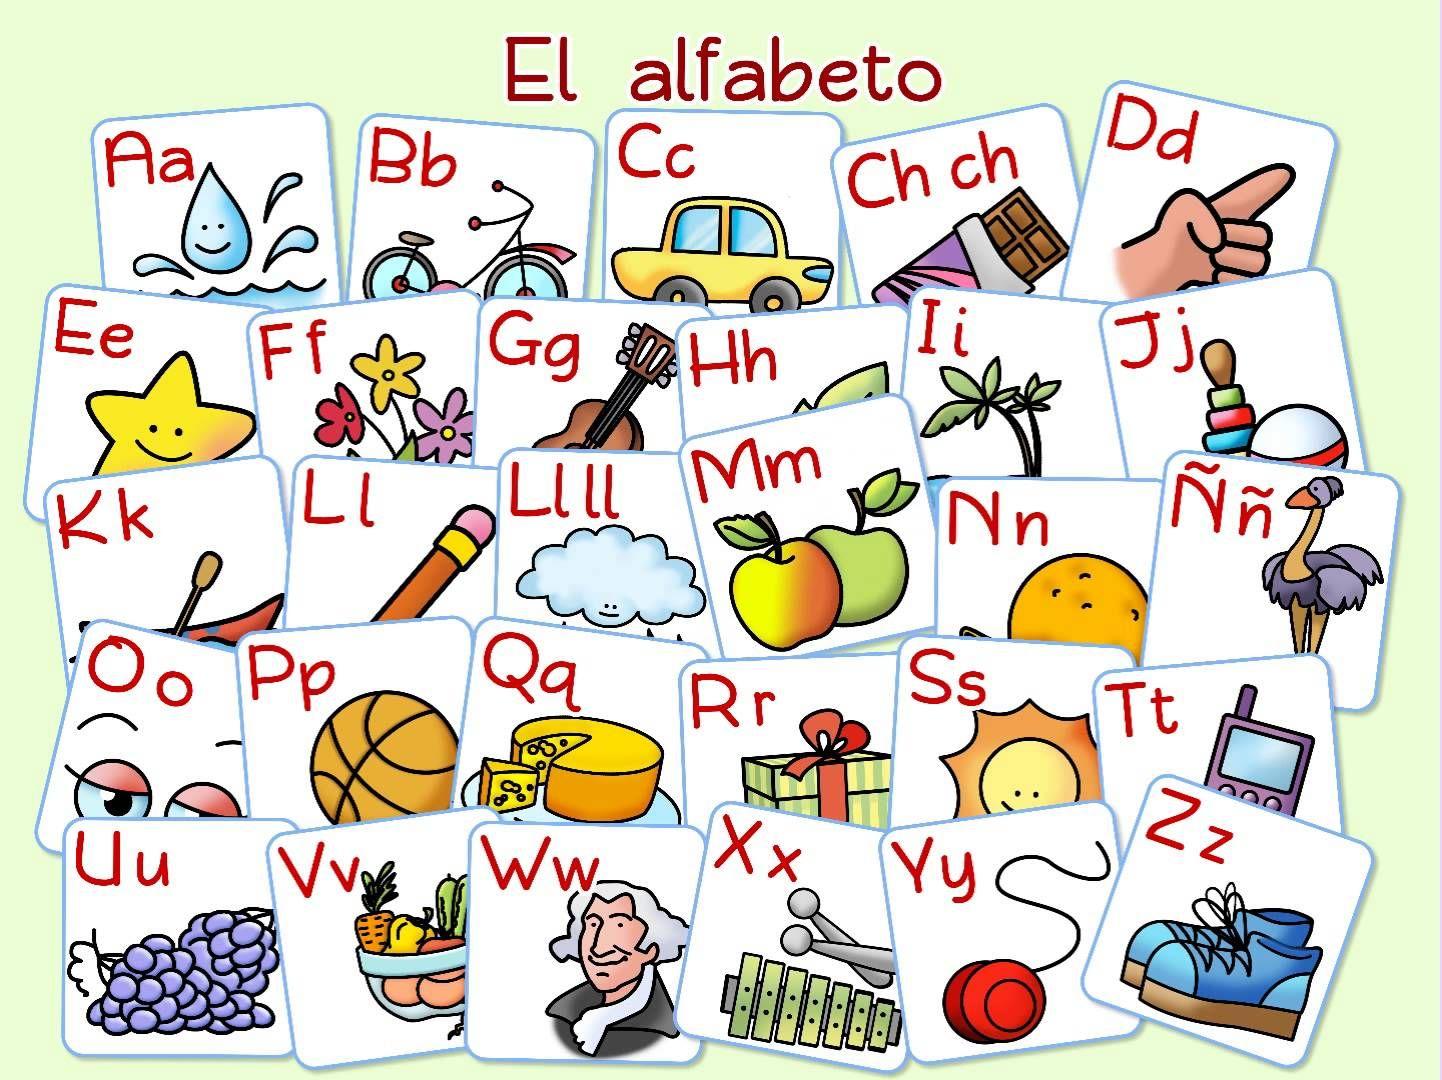 El Alfabeto Ejercicio De Vocabulario